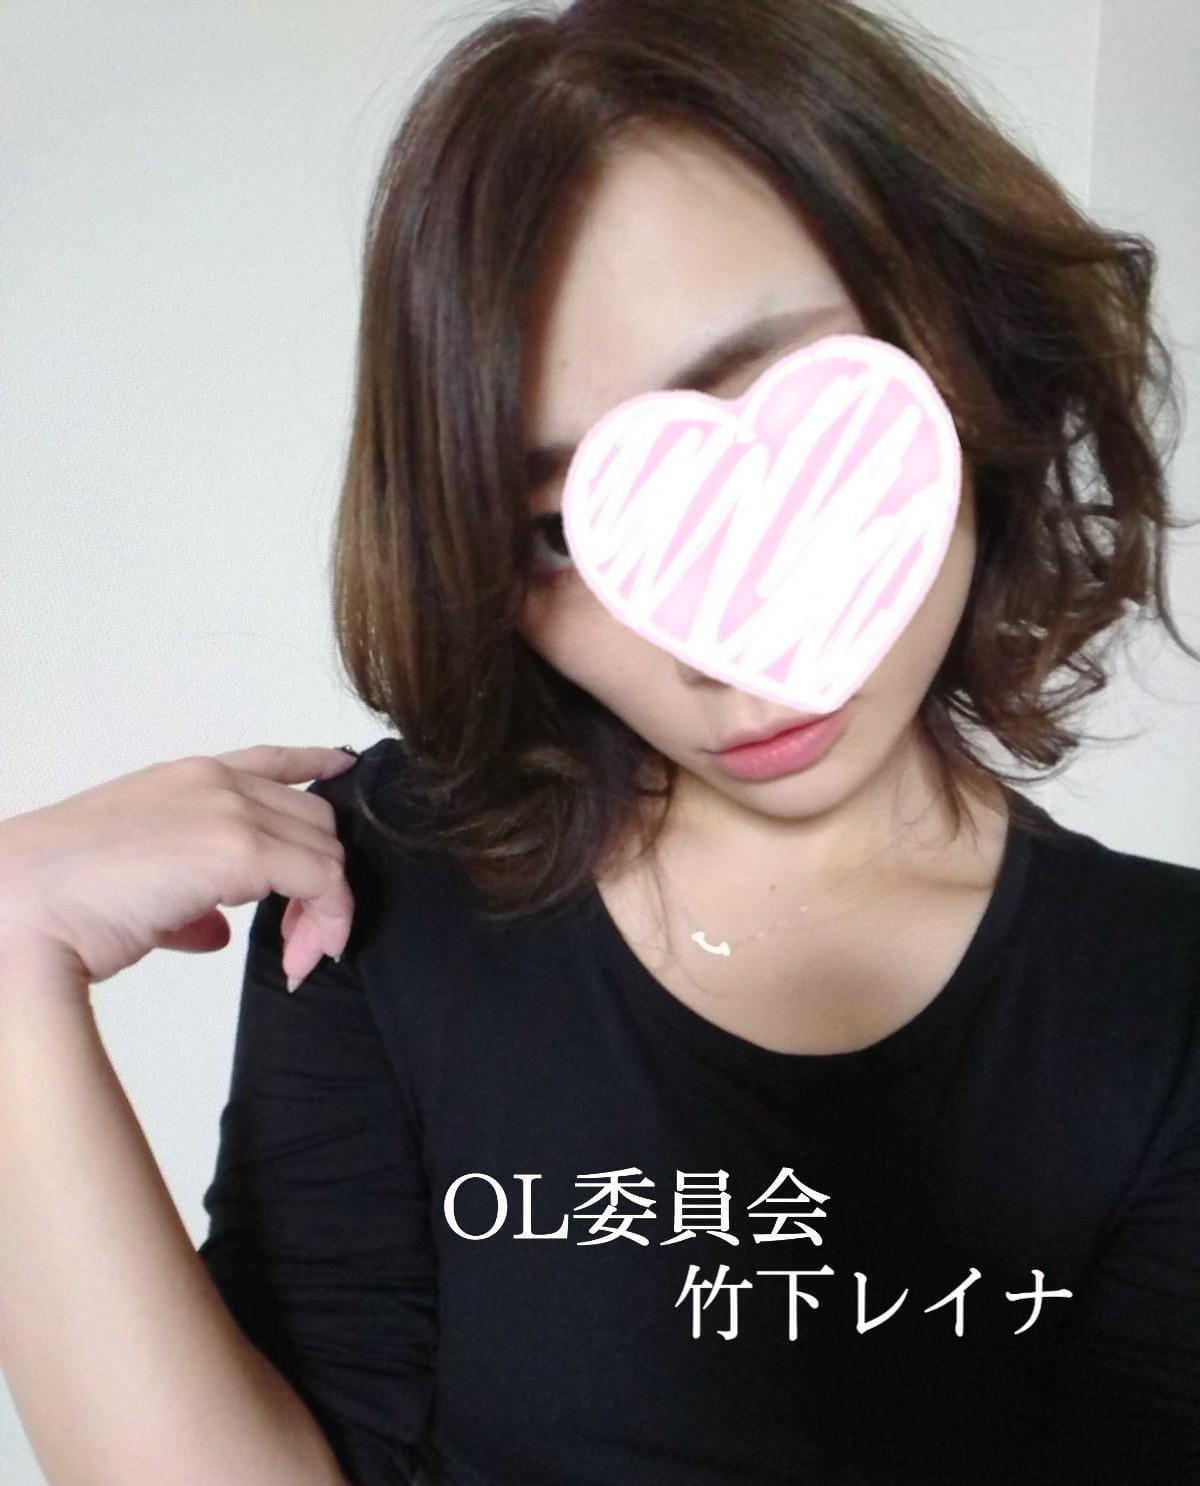 「おはょ(´・ω・`)」01/13(月) 07:16 | 竹下レイナの写メ・風俗動画